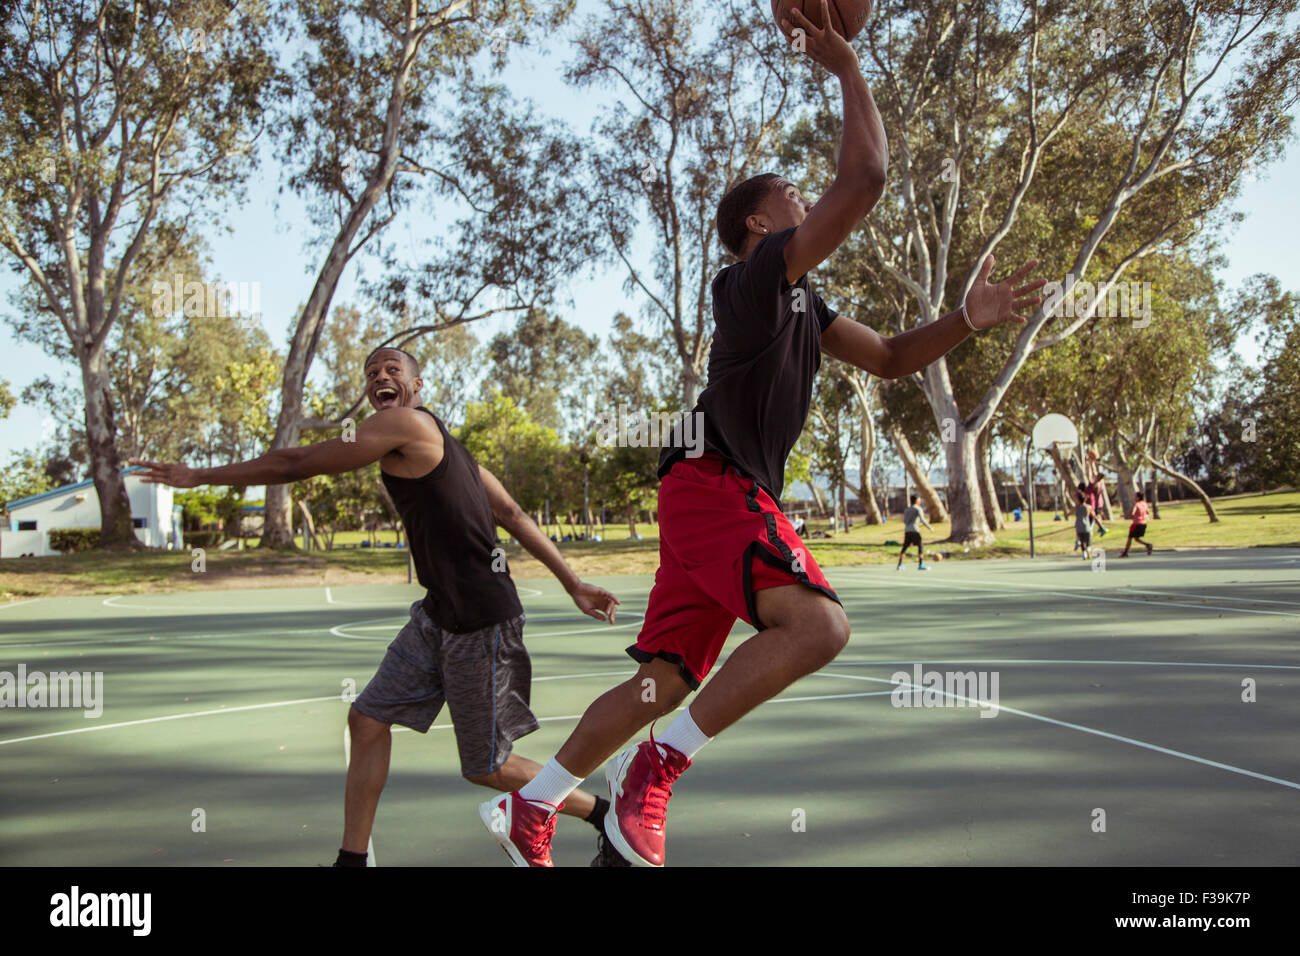 Dos jóvenes jugando baloncesto, Shooting Hoops en el parque al atardecer Imagen De Stock